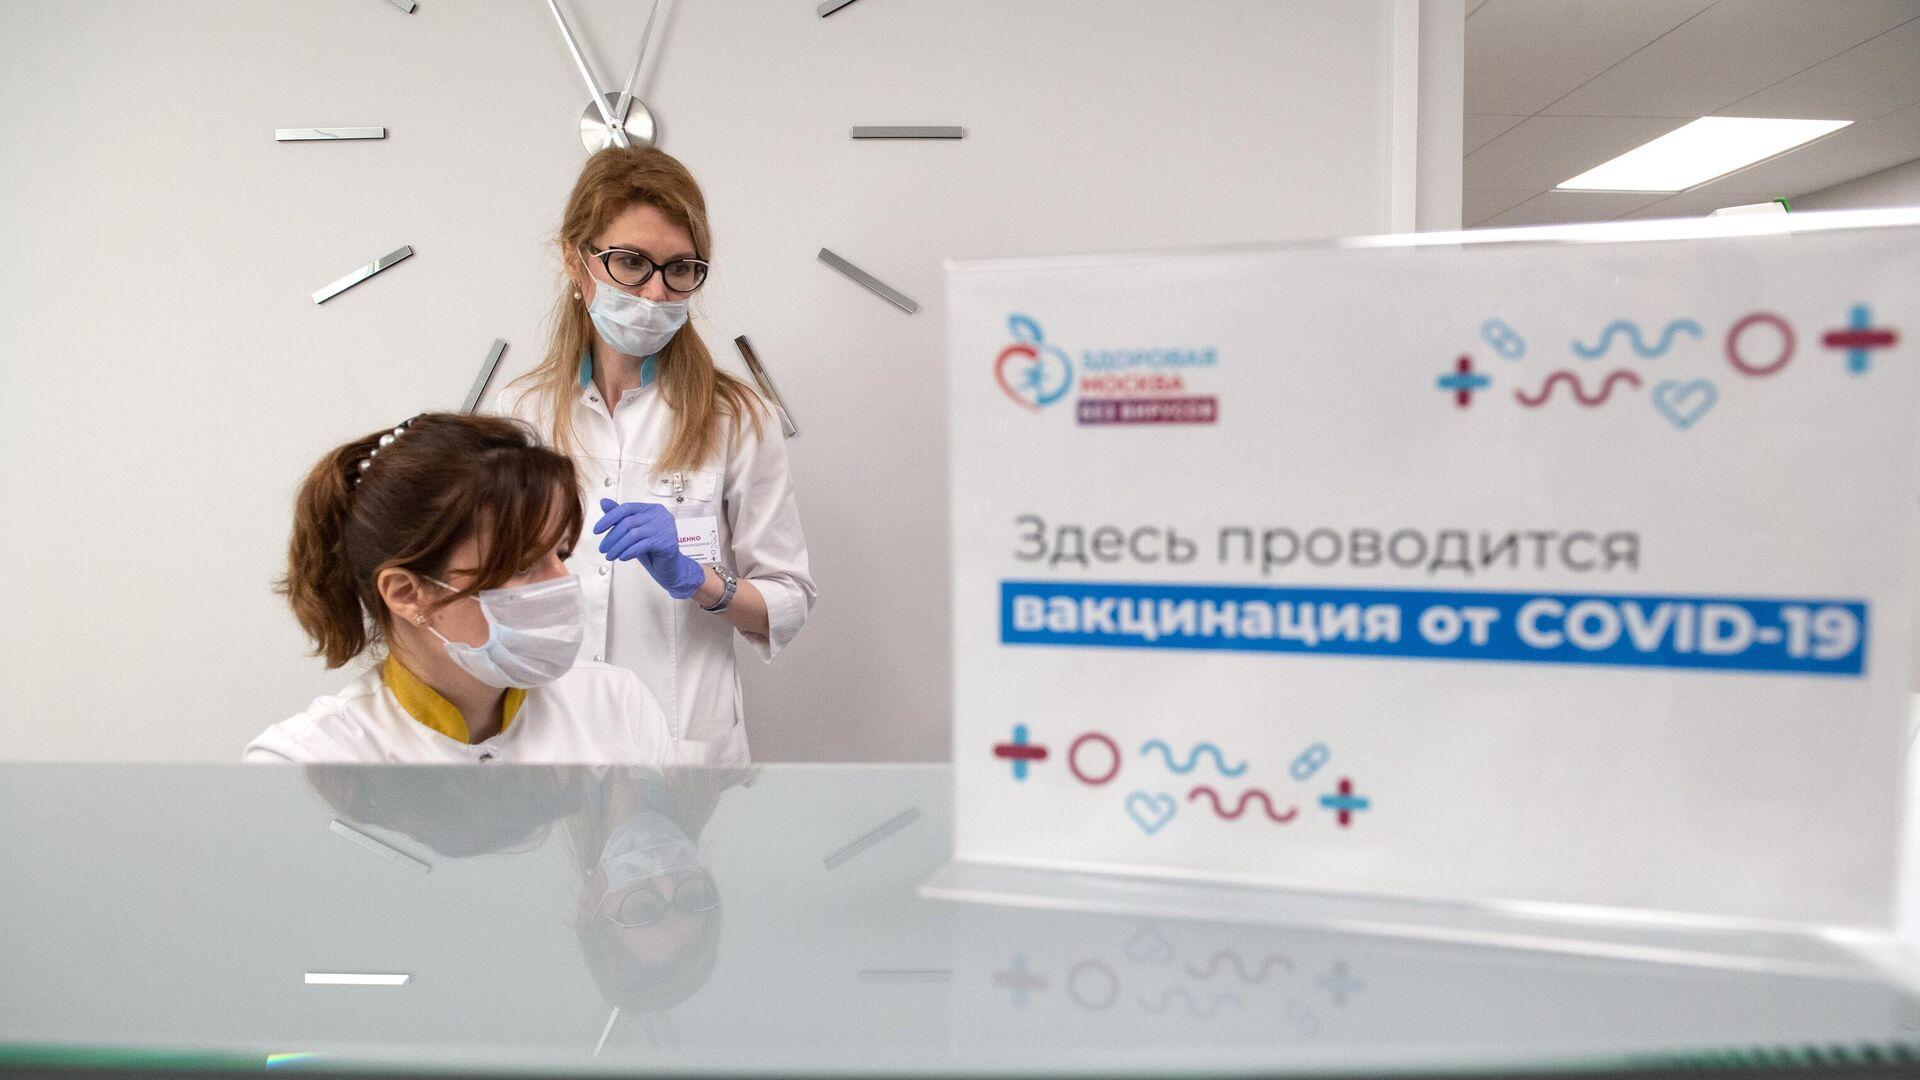 Медработники в прививочном пункте по вакцинации от COVID-19 городской поликлиники  - РИА Новости, 1920, 24.12.2020